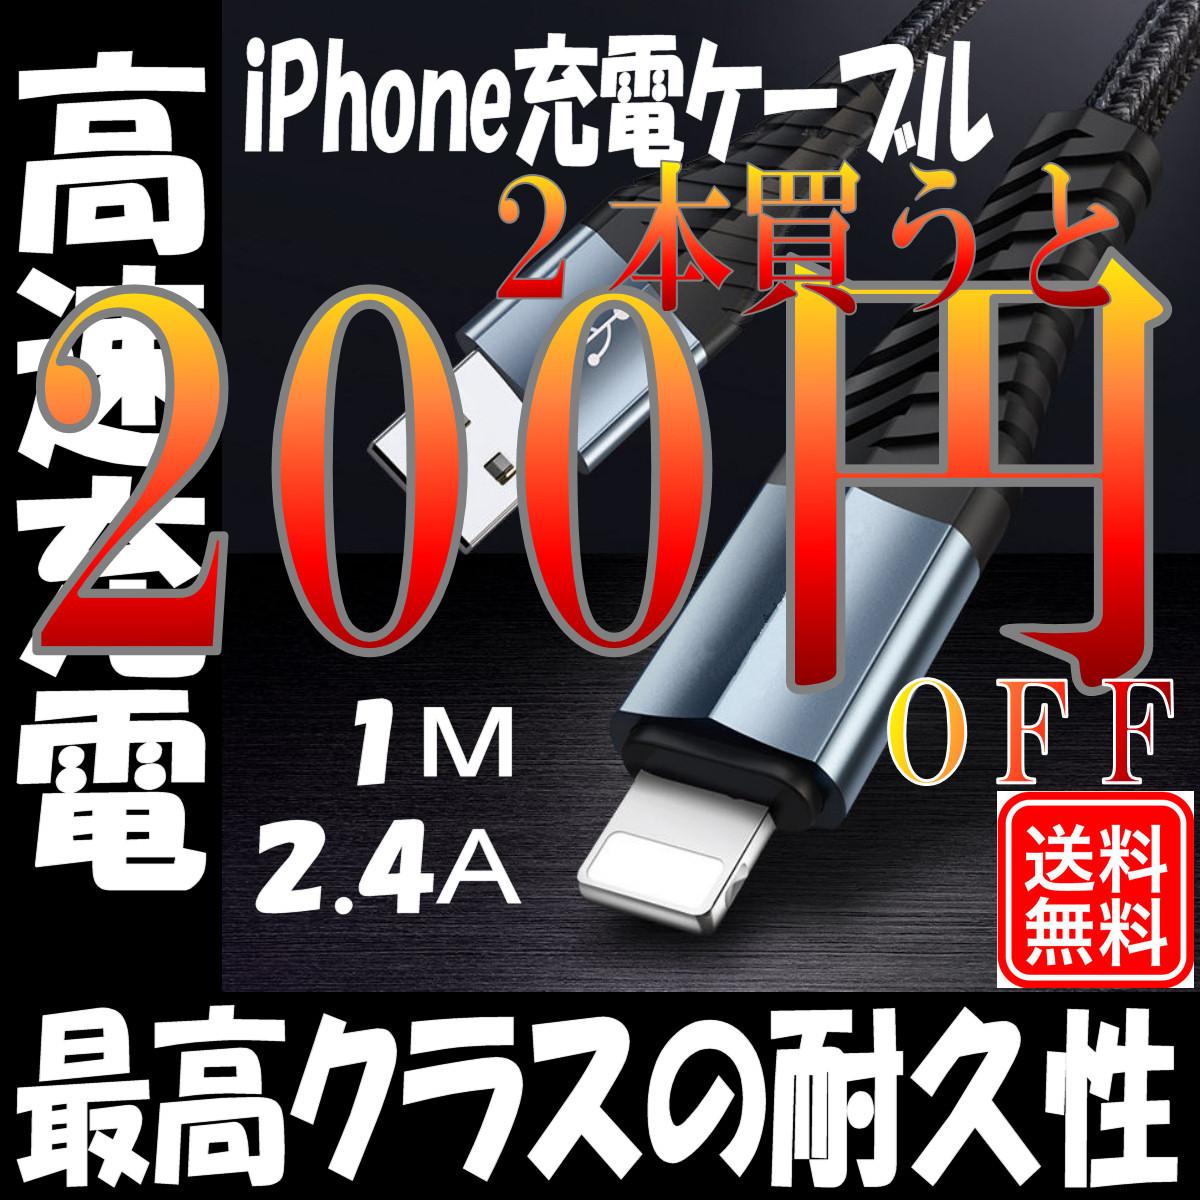 最高クラスのiPhone充電ケーブルが200円OFF!!